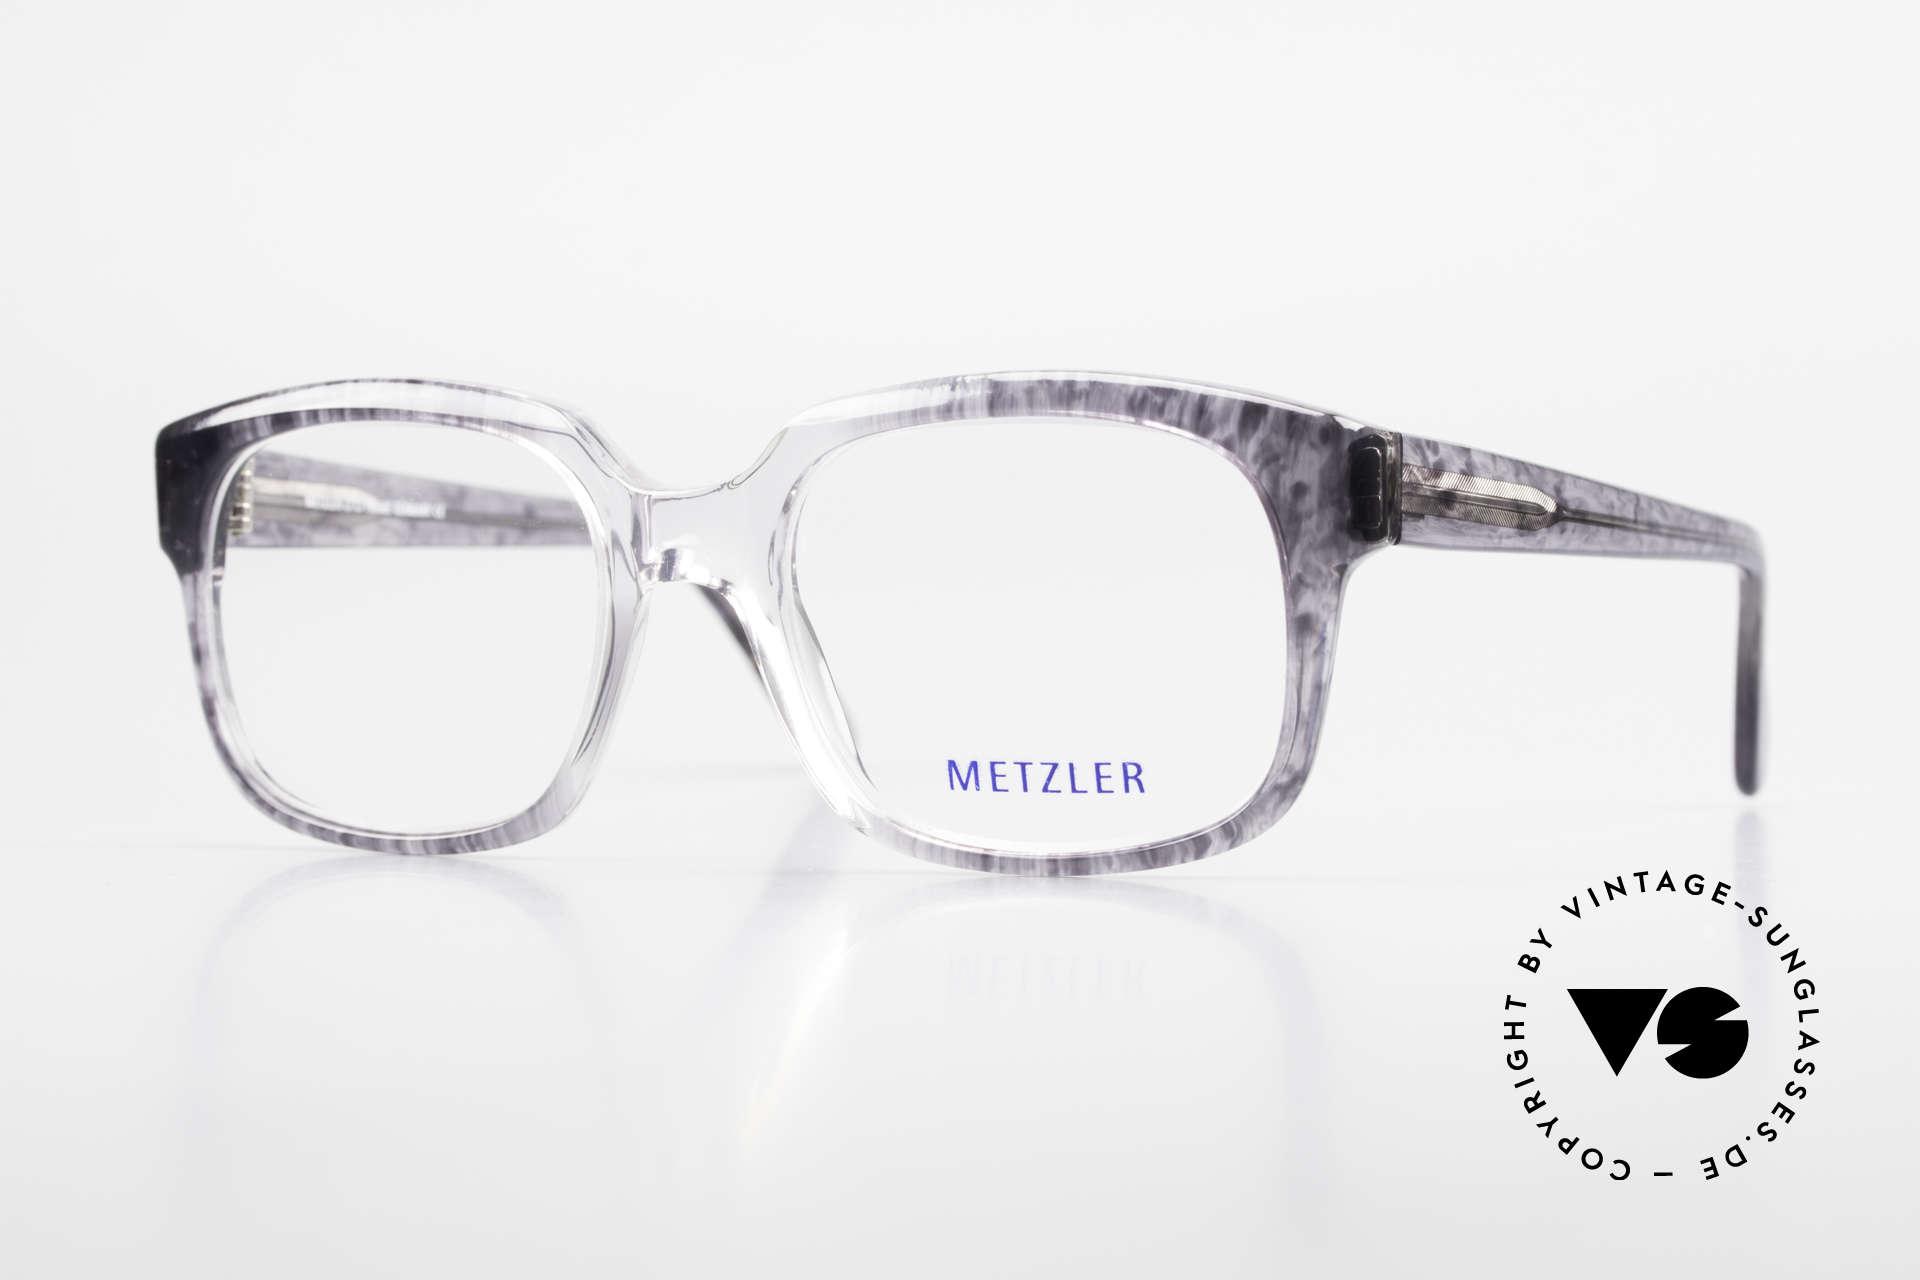 Metzler 7665 Medium 90's Old School Eyeglasses, Metzler vintage eyeglasses, 7665, size 54/20, 140, Made for Men